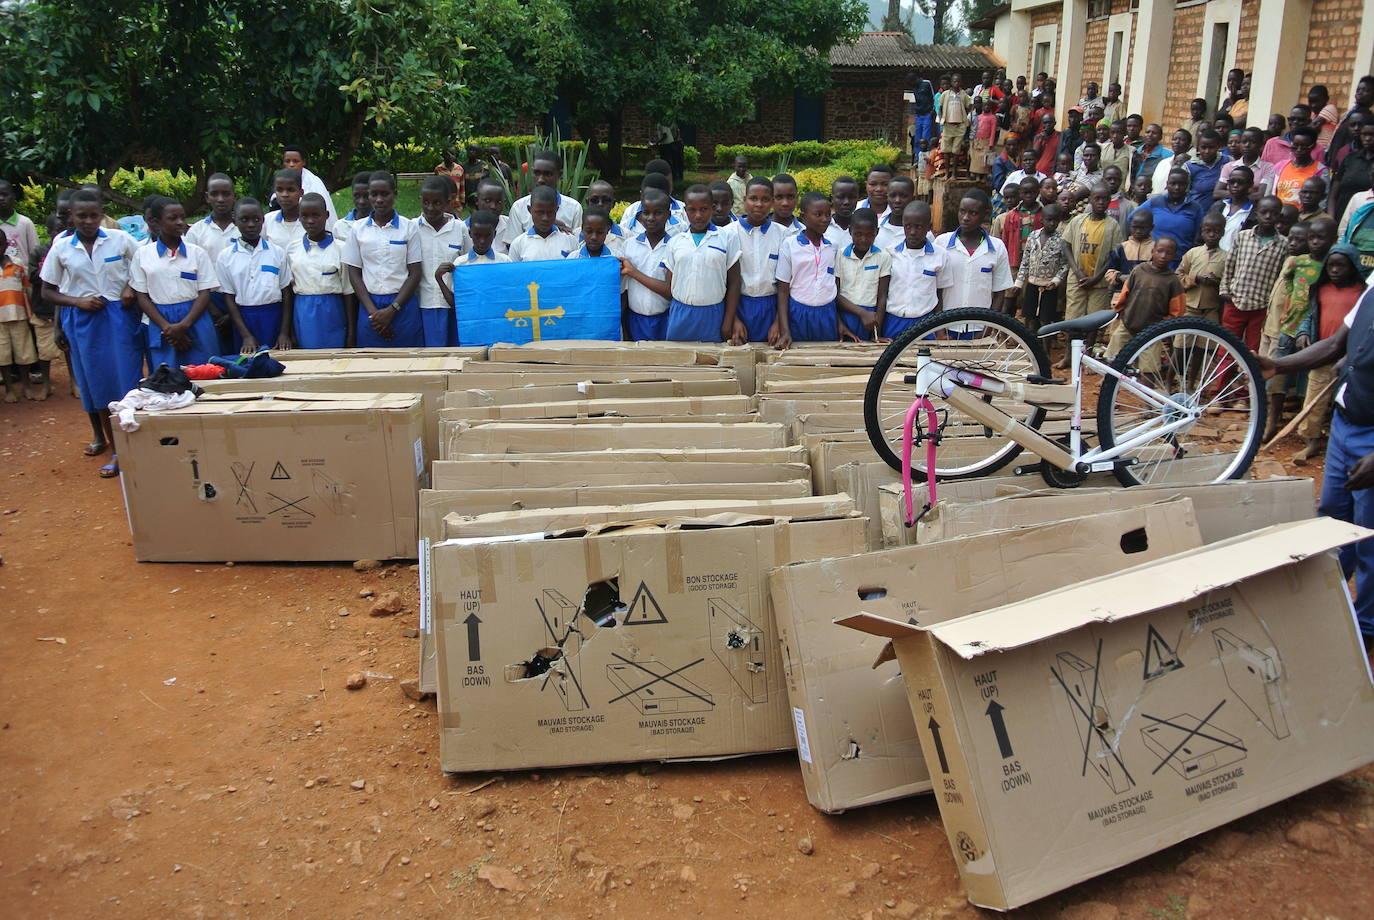 Burundi encuentra ruedas para el desarrollo gracias a la ayuda de cientos de asturianos